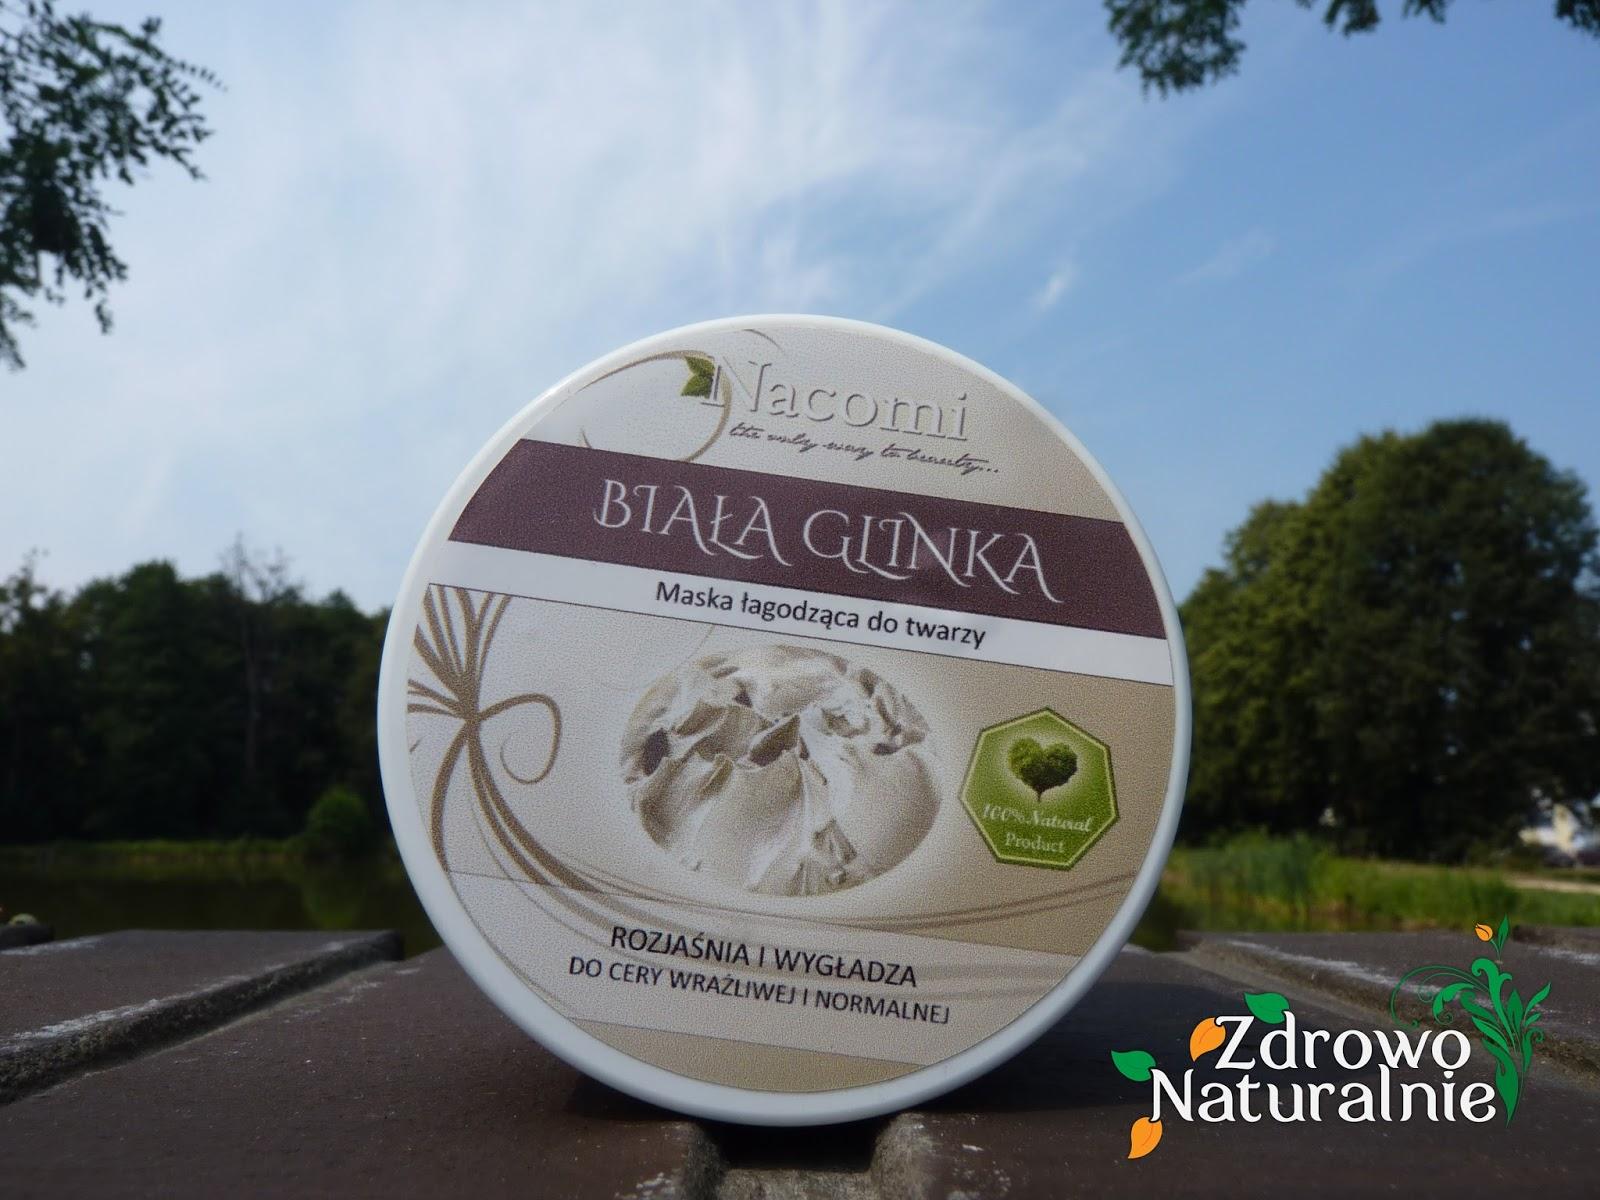 Nacomi - Biała glinka oraz Organiczny peeling kokosowy